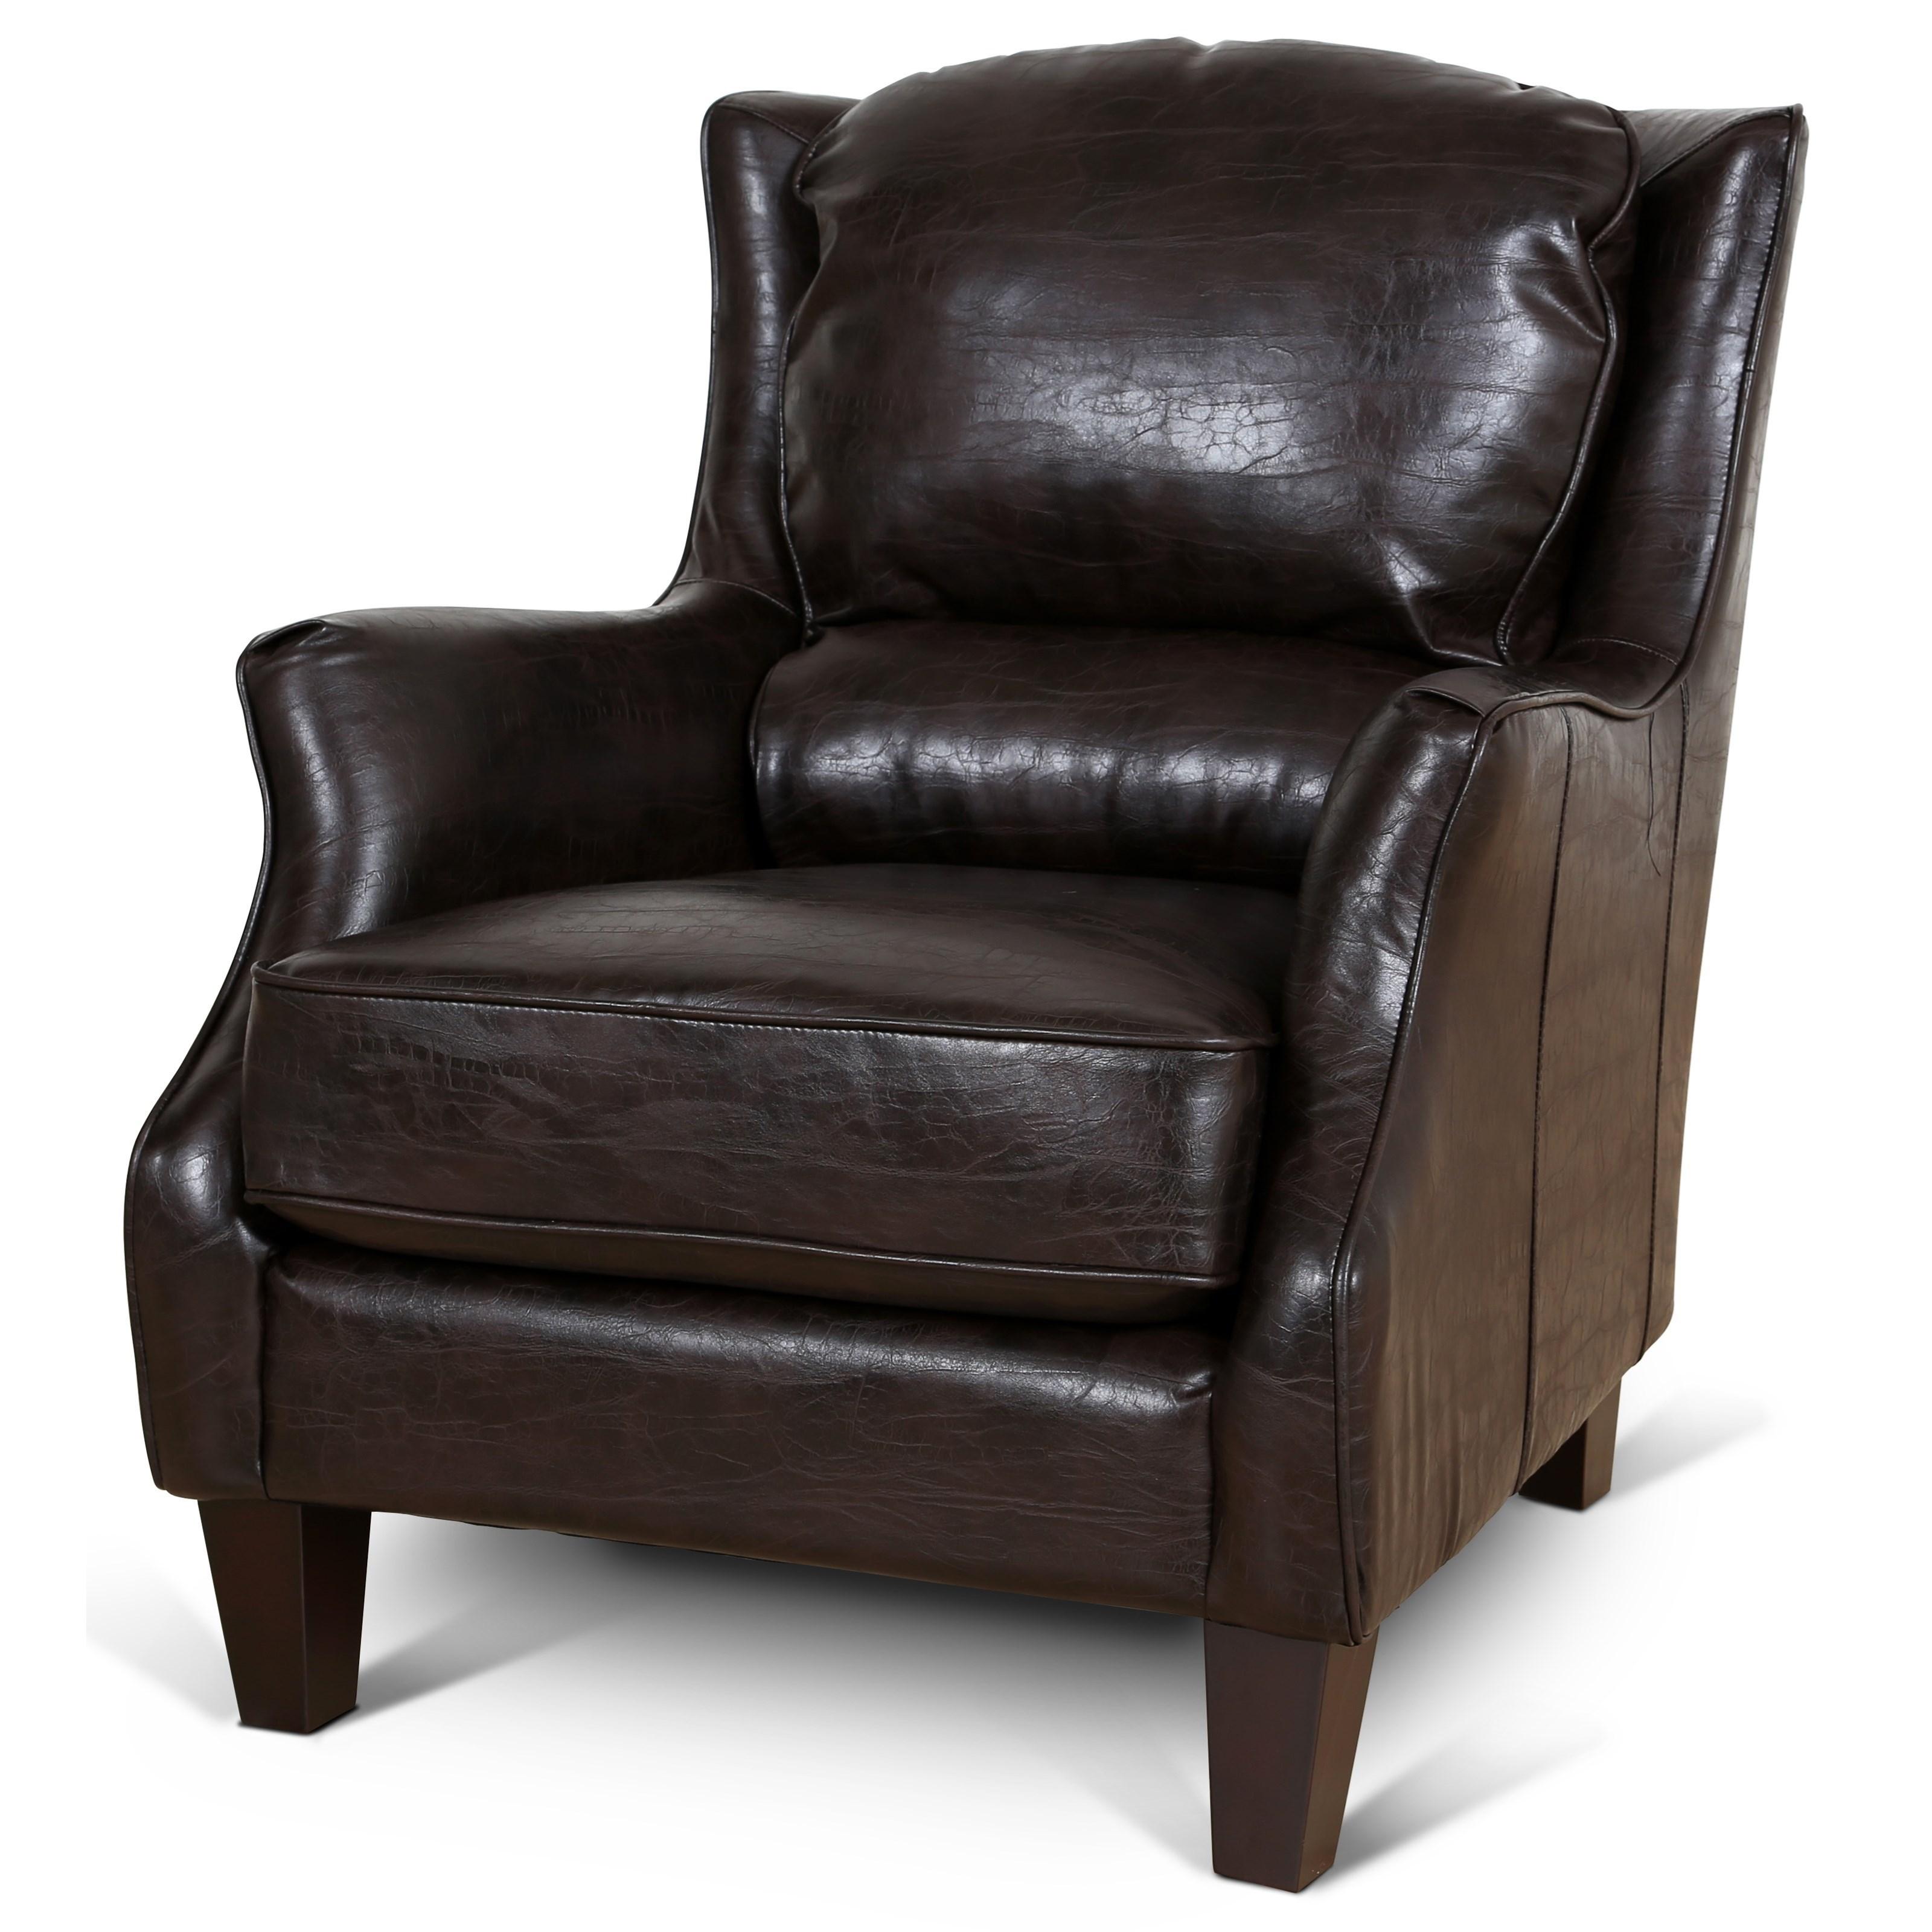 Garnett Wing Chair at Sadler's Home Furnishings